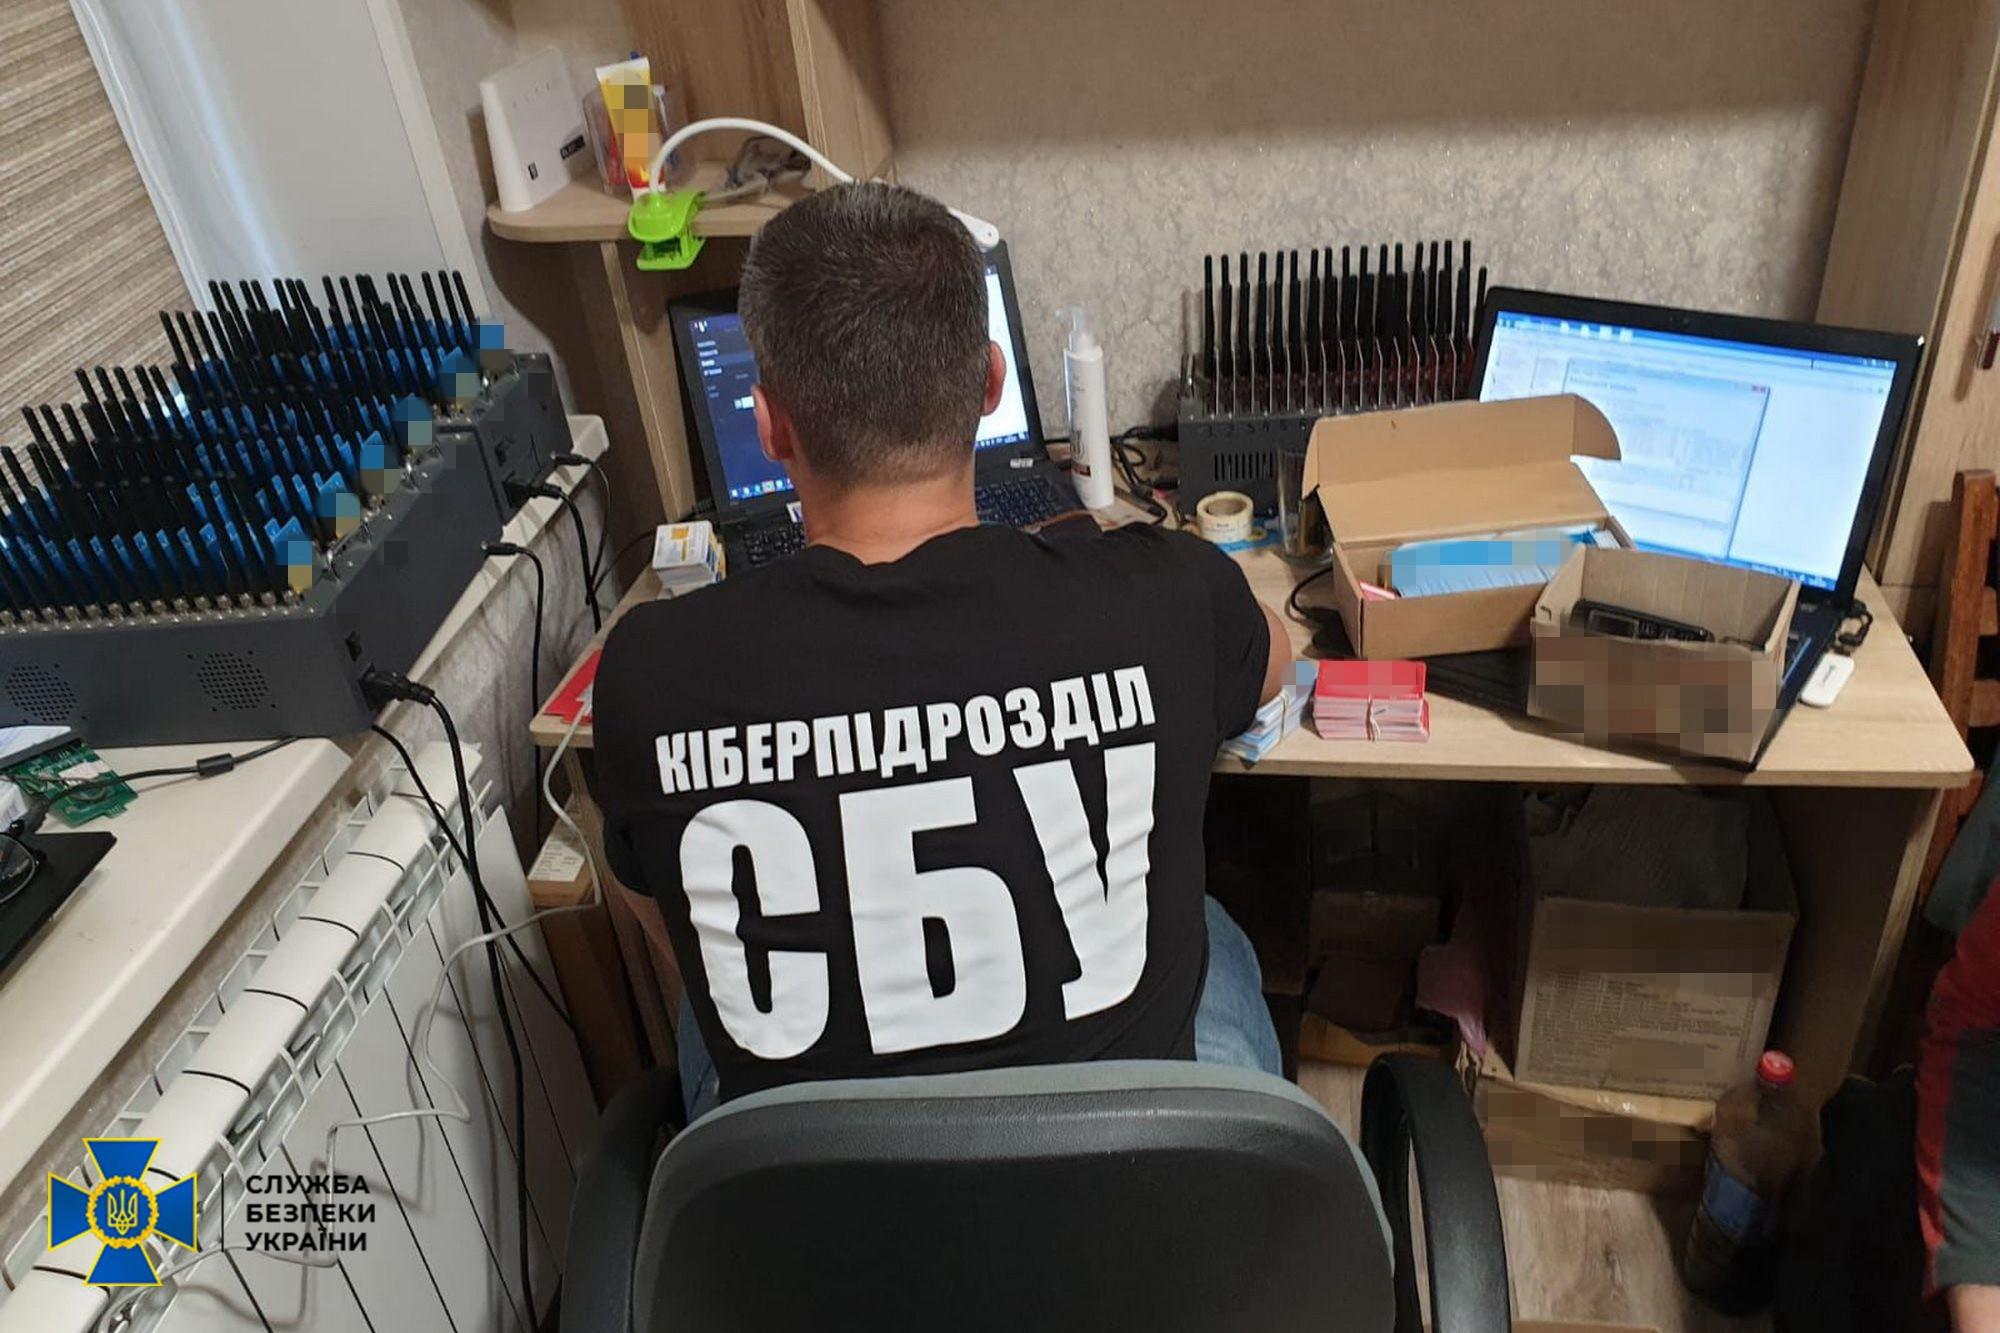 СБУ пресекла деятельность ботофермы в Харьковской области